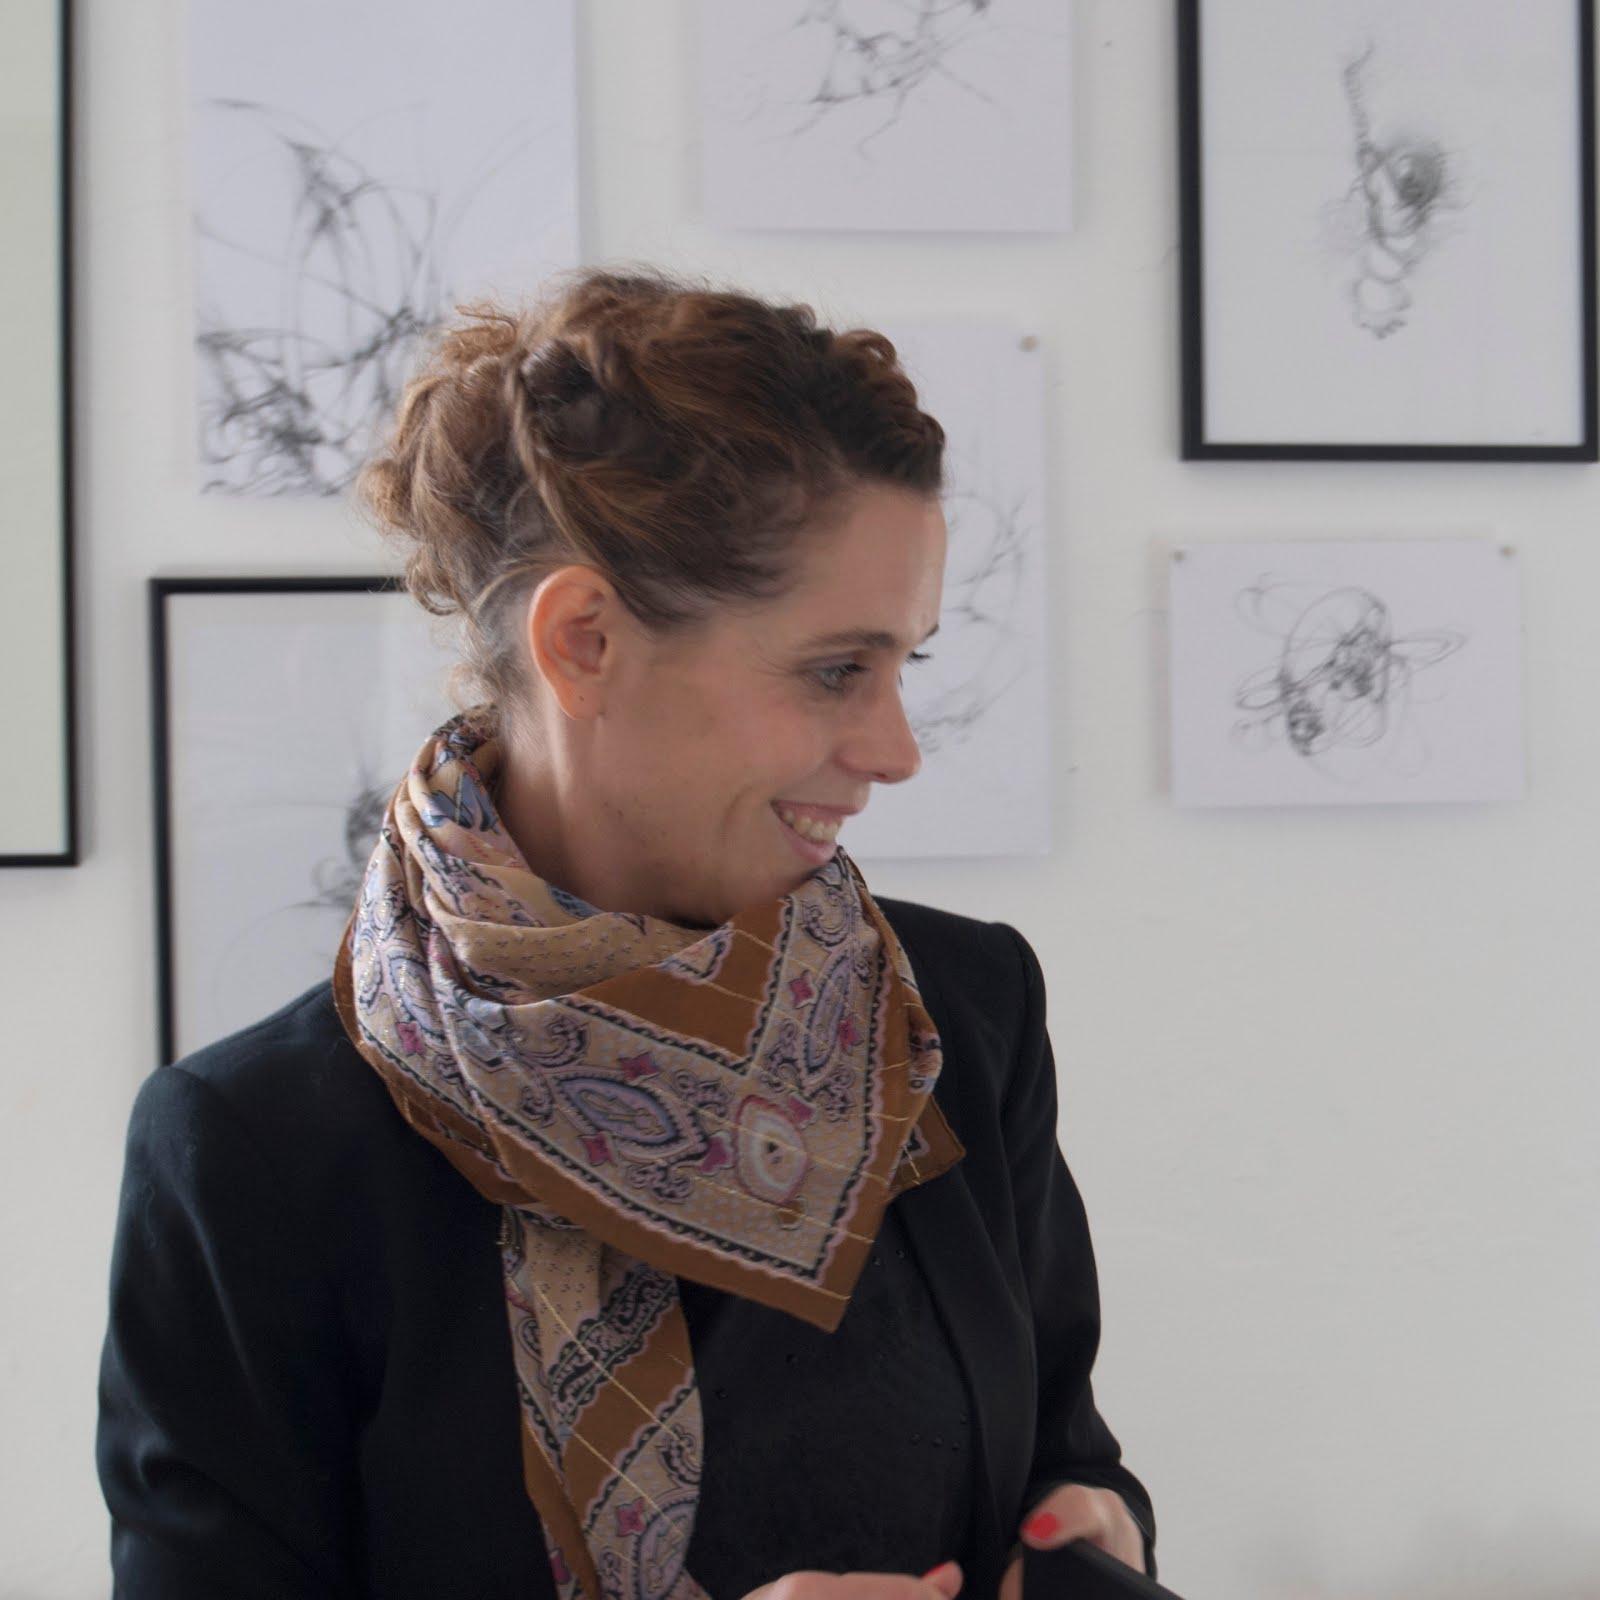 Iris Gallarotti - KAZoART